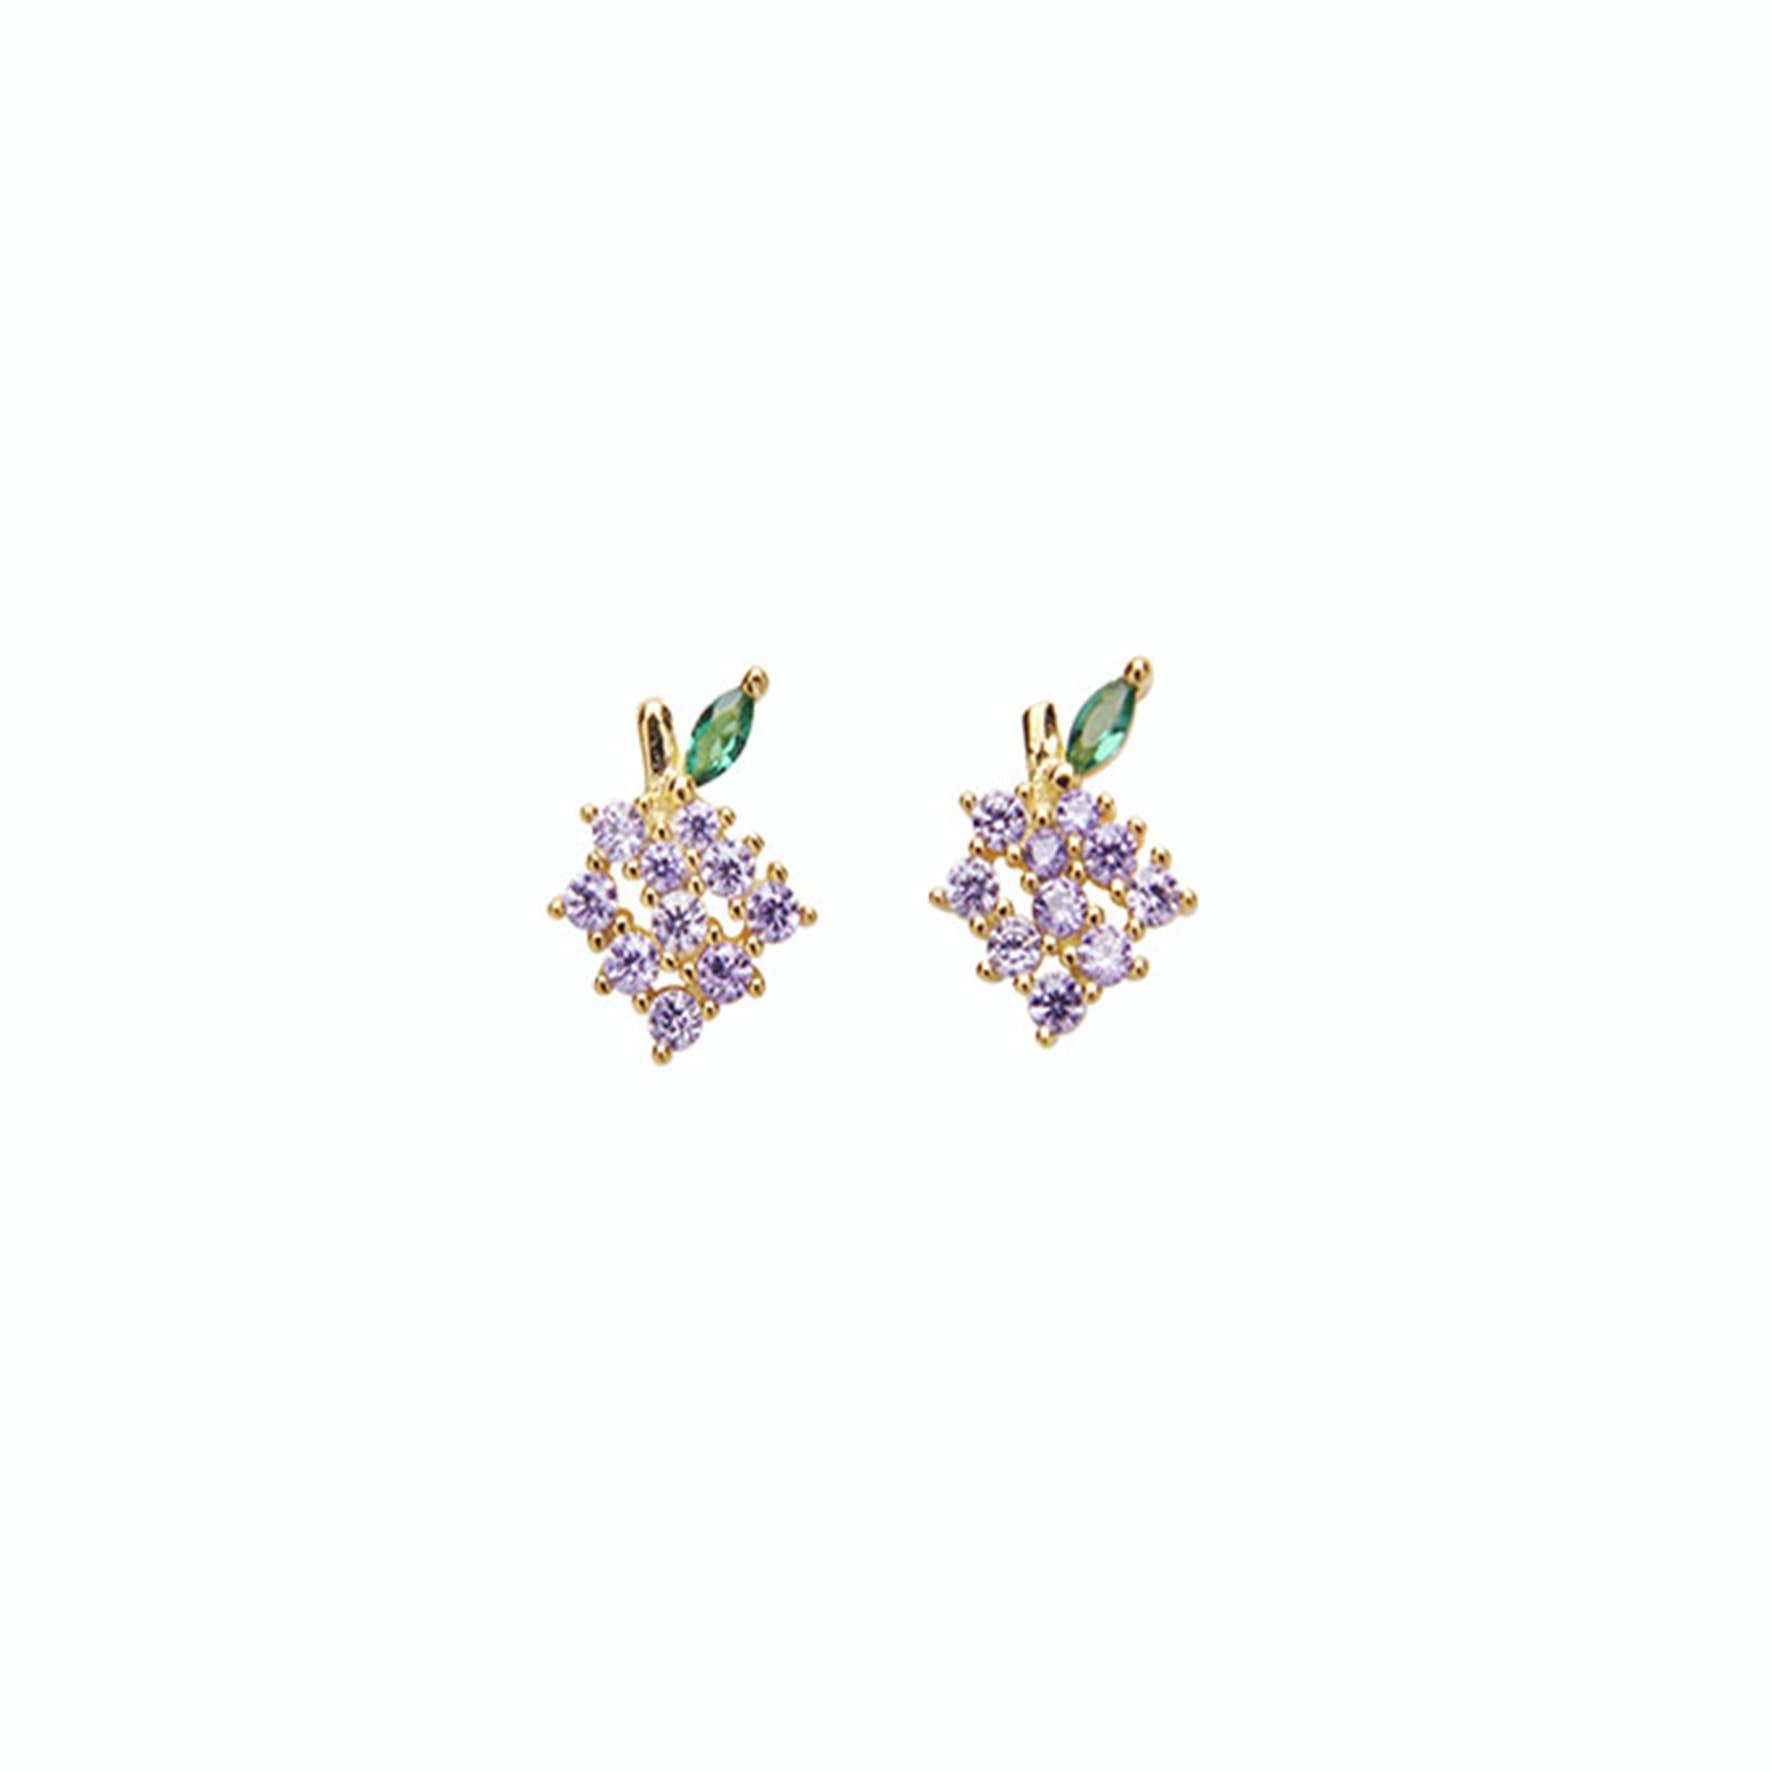 Grapes Crystal Earsticks fra Pico i Forgylt-Sølv Sterling 925